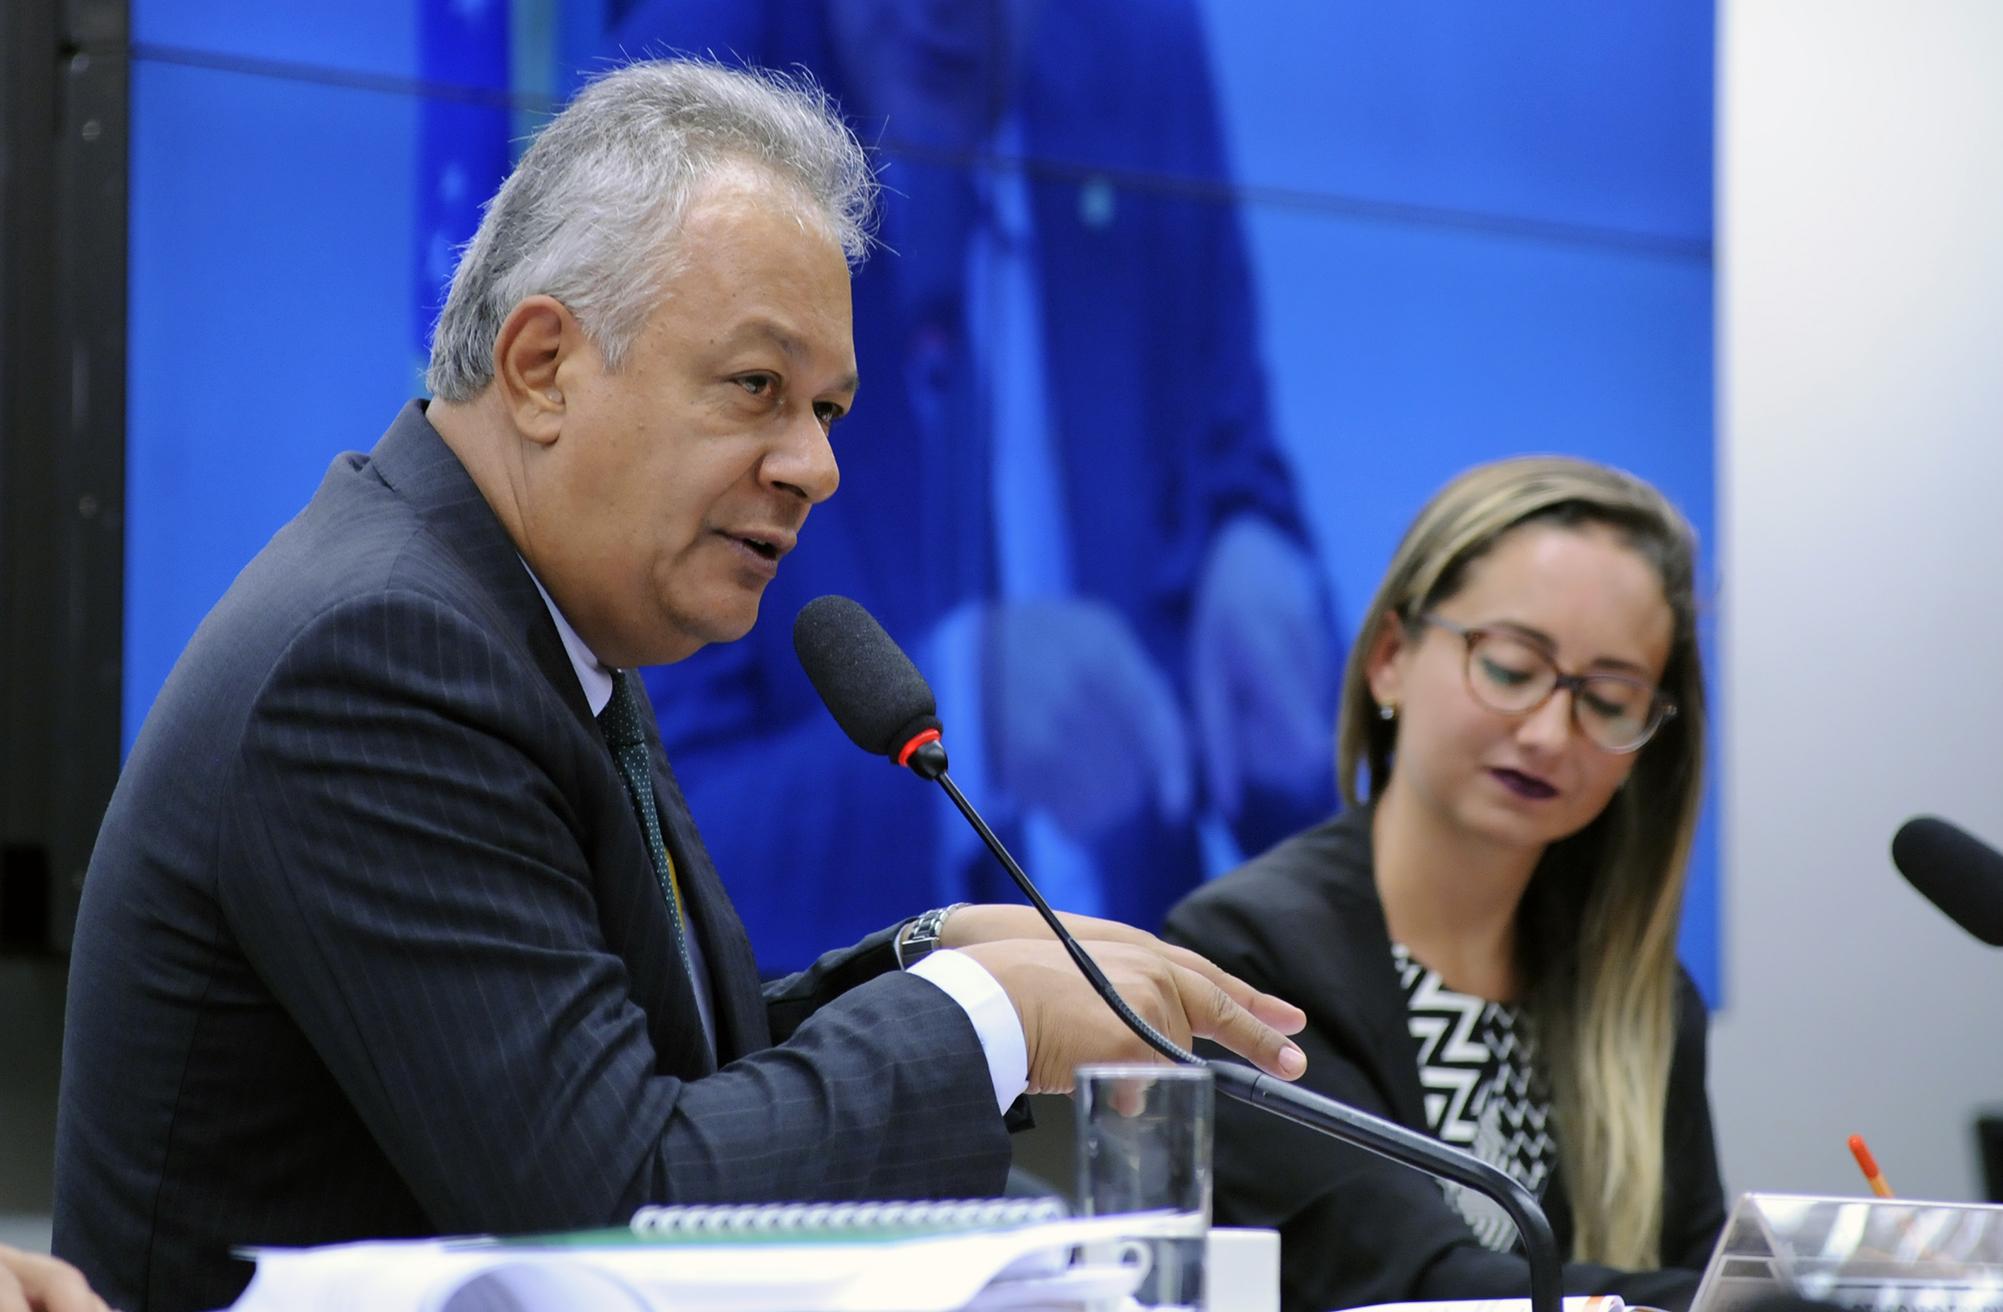 Audiência Pública e Reunião Ordinária. Delegado Edson Moreira (PR - MG)